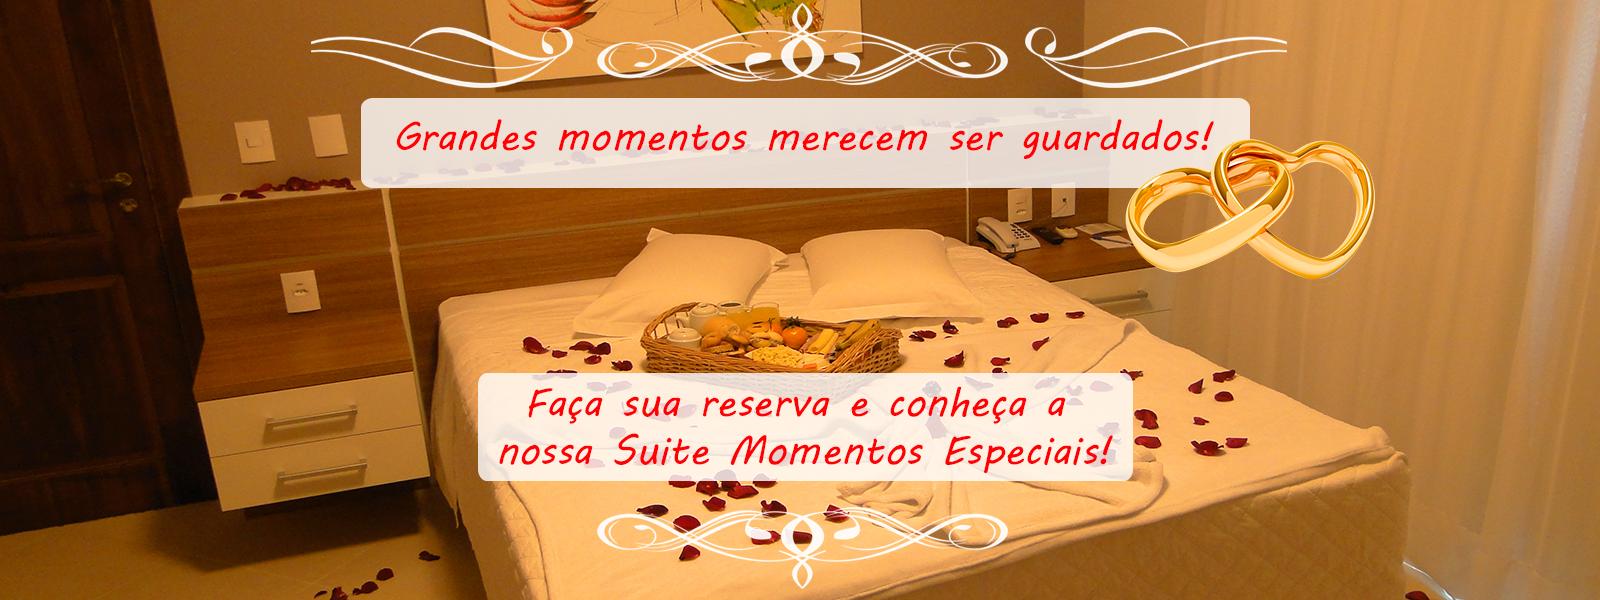 momentos-especiais-barra-parque-hotel